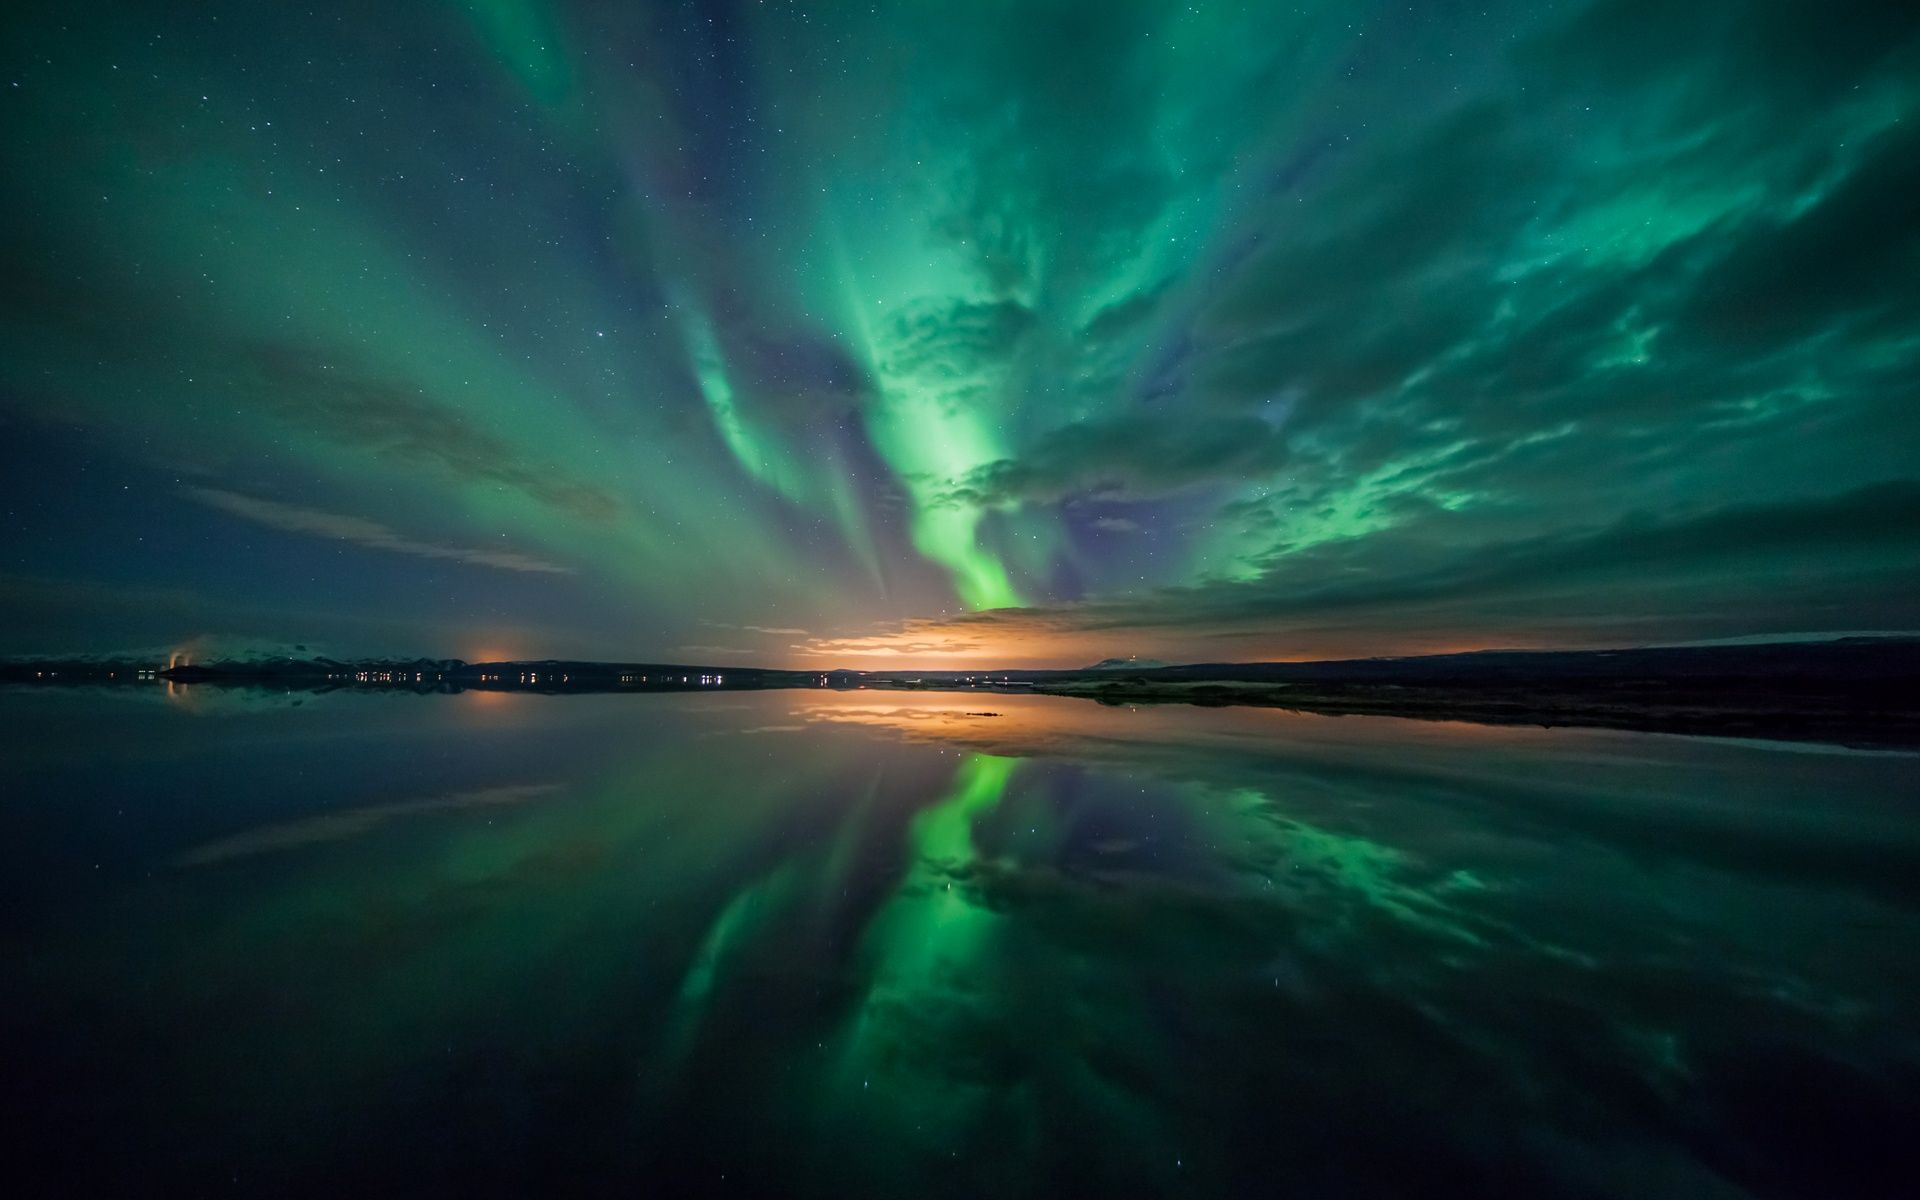 Fond D Écran 4K terre/nature - aurore boréale - nuage - hd - 4k - ultra hd - night